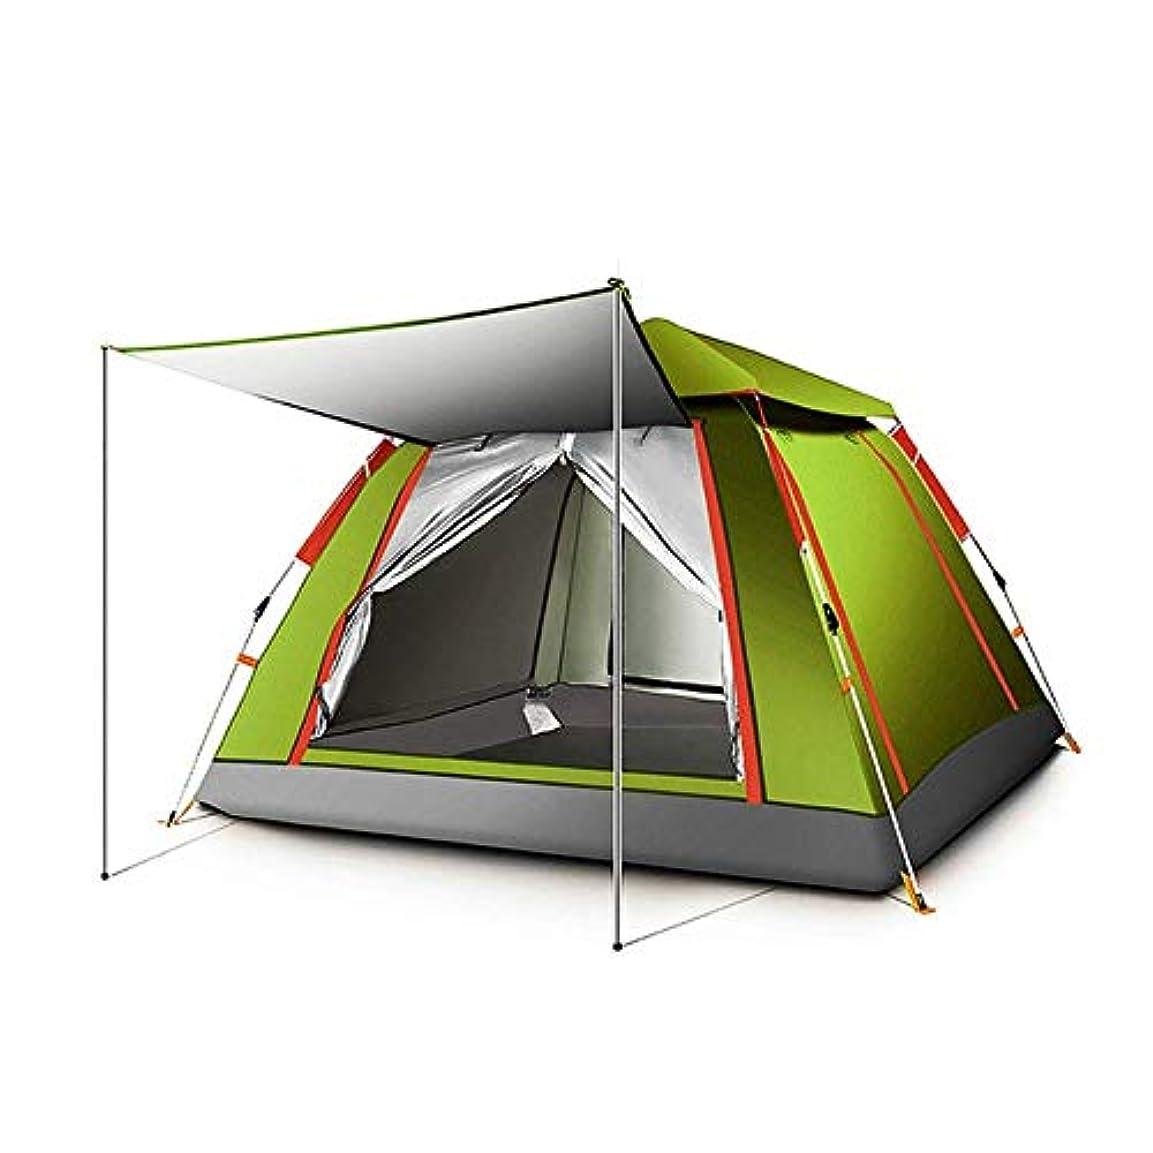 実り多い悪性の罰するキャンプテント 自動テント屋外3-4人登山キャンプ公園ピクニックテント昆虫制御防雨取り外し可能 サンシェード?シェルター (色 : C)